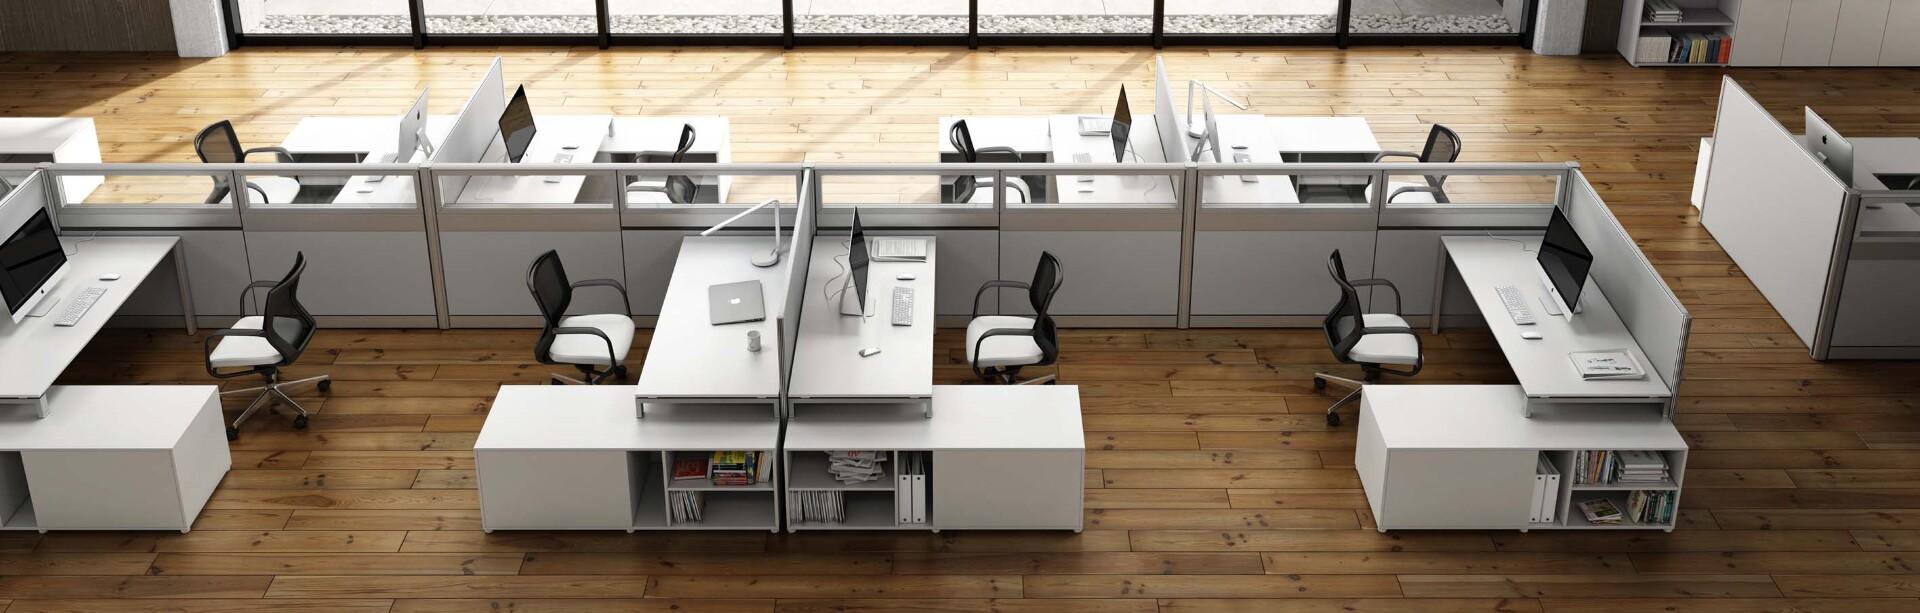 multipostazione-ambinete-ufficio-kubi.jpg